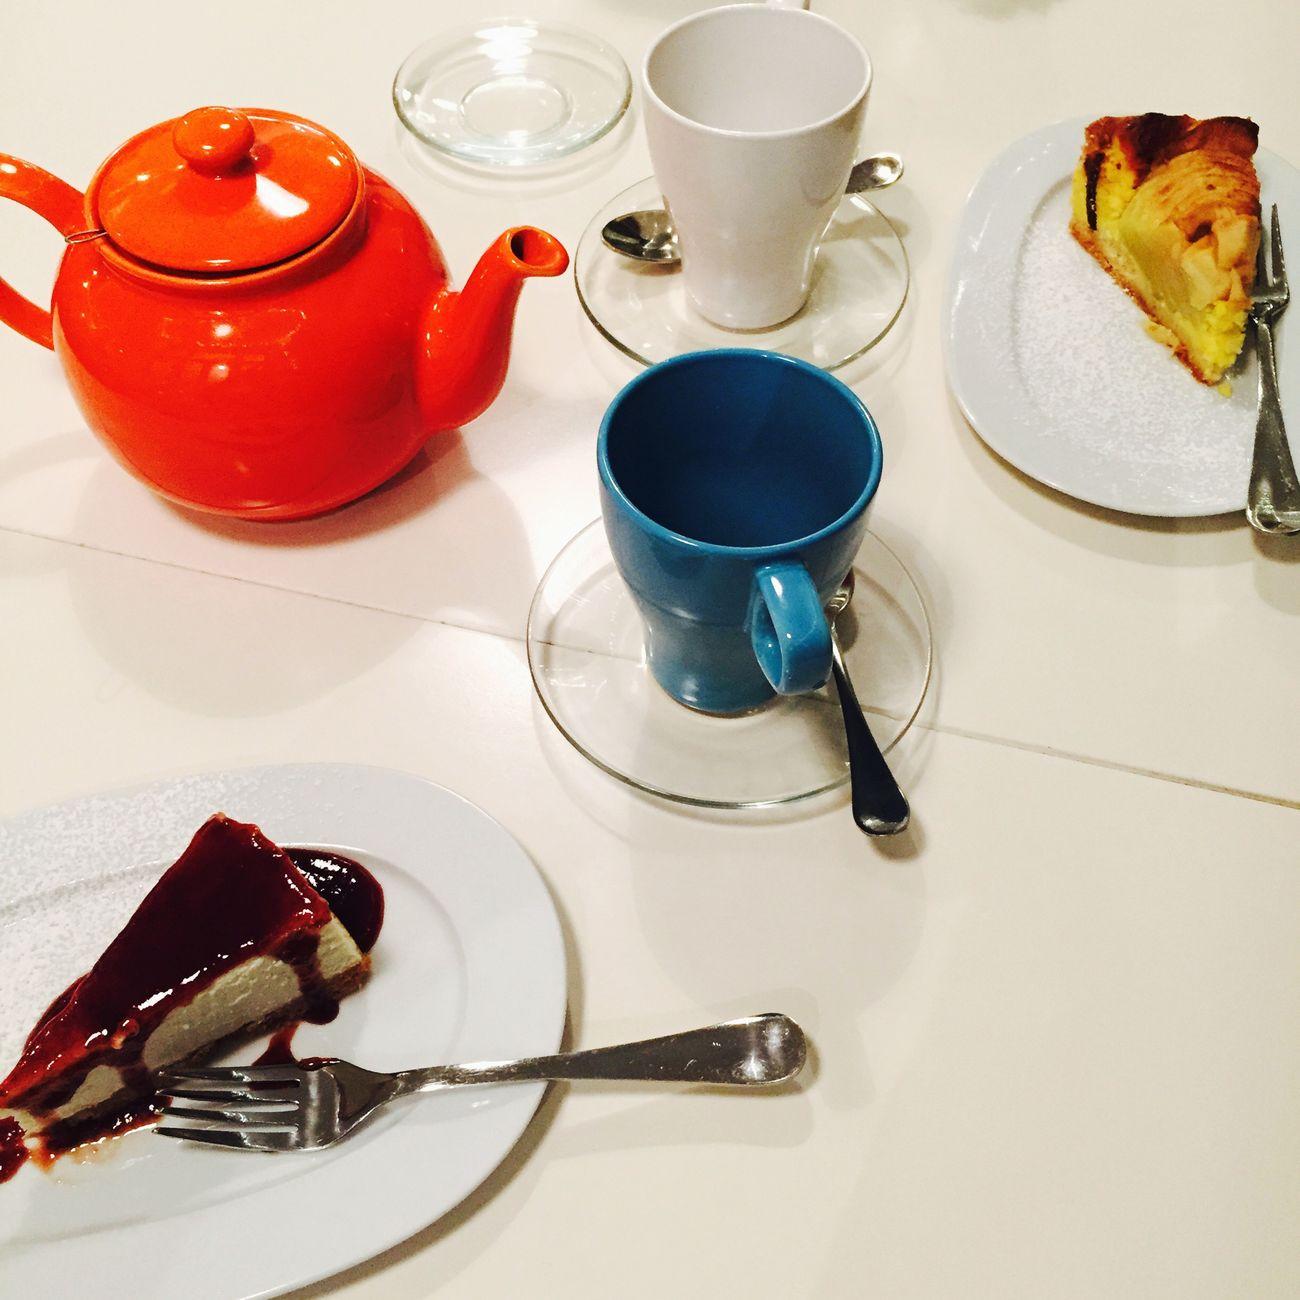 Merenda  Tea Pausa Caffe Gateau Cake Snack Time! Gateaux Cakes